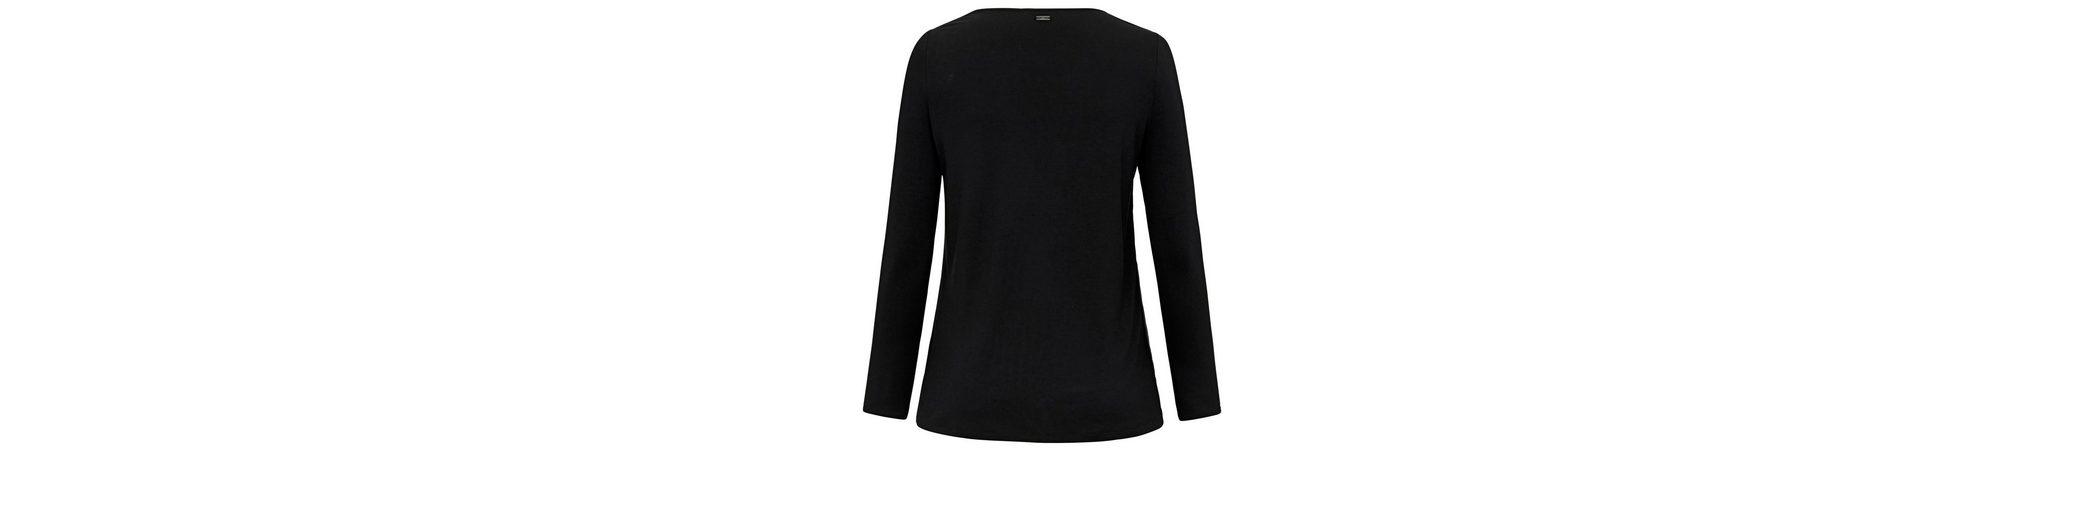 Emilia Lay T-Shirt mit Rundhalsausschnitt, Layering-Optik